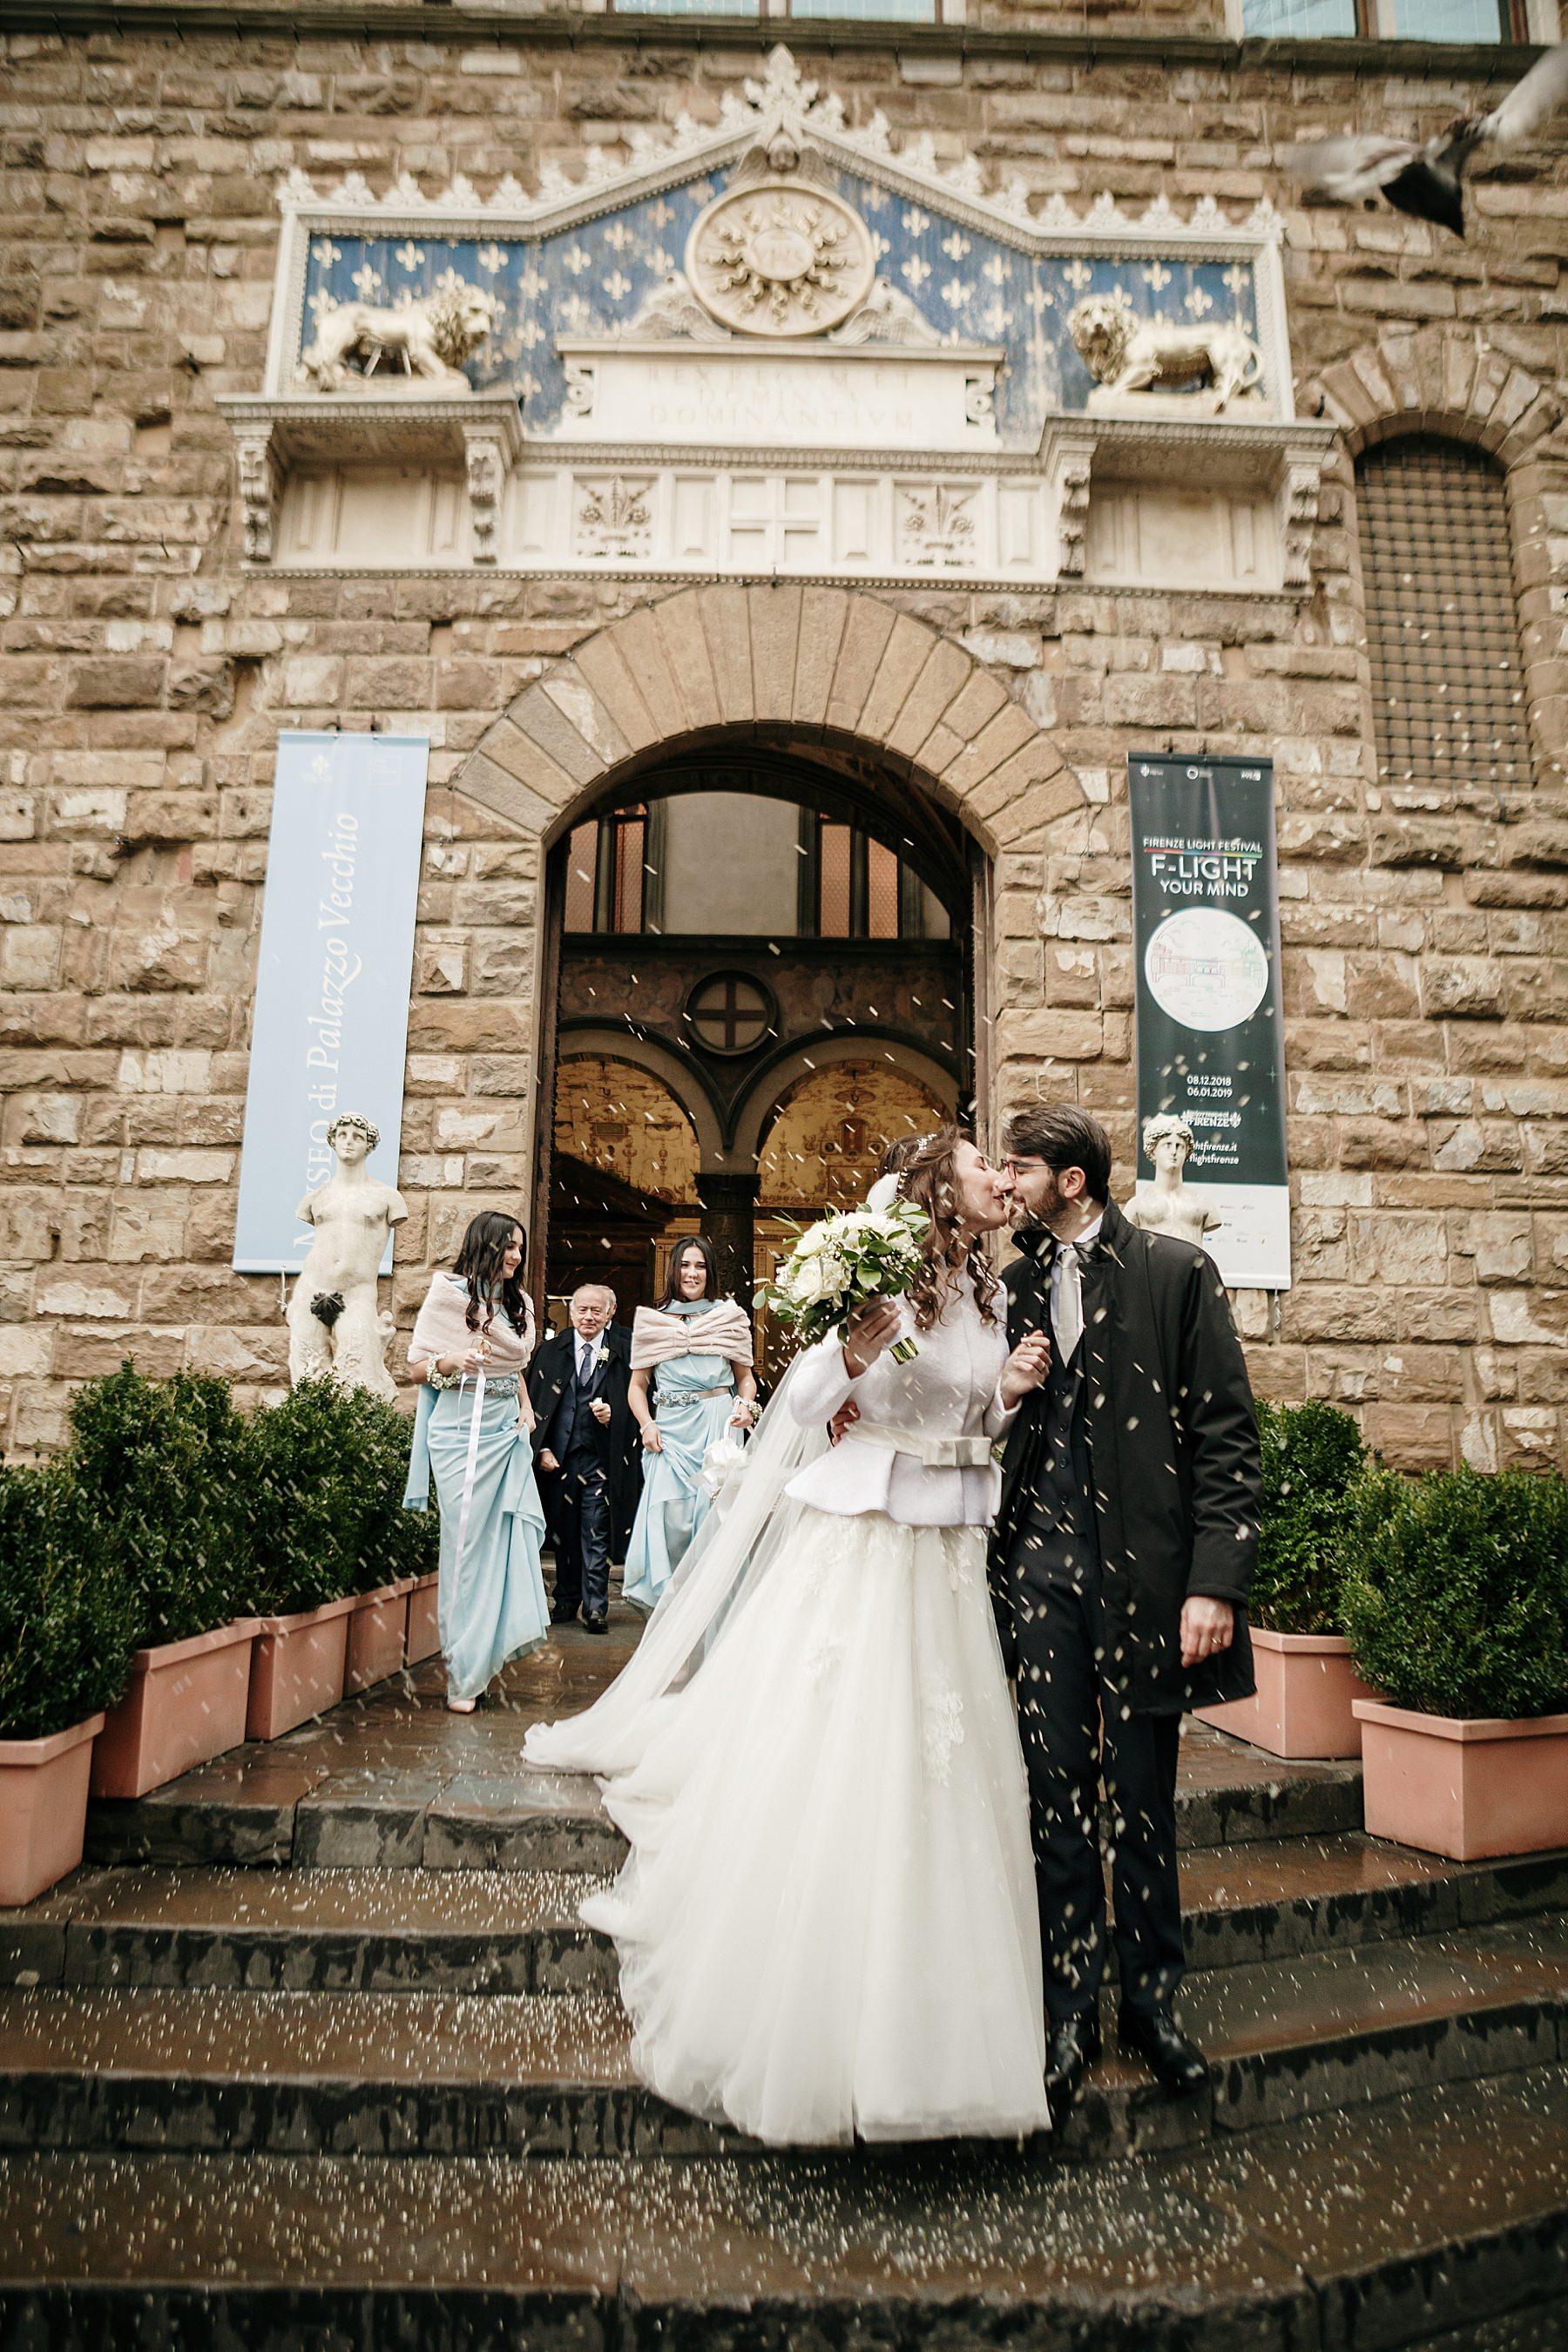 fotografia di matrimonio a firenze in inverno 757